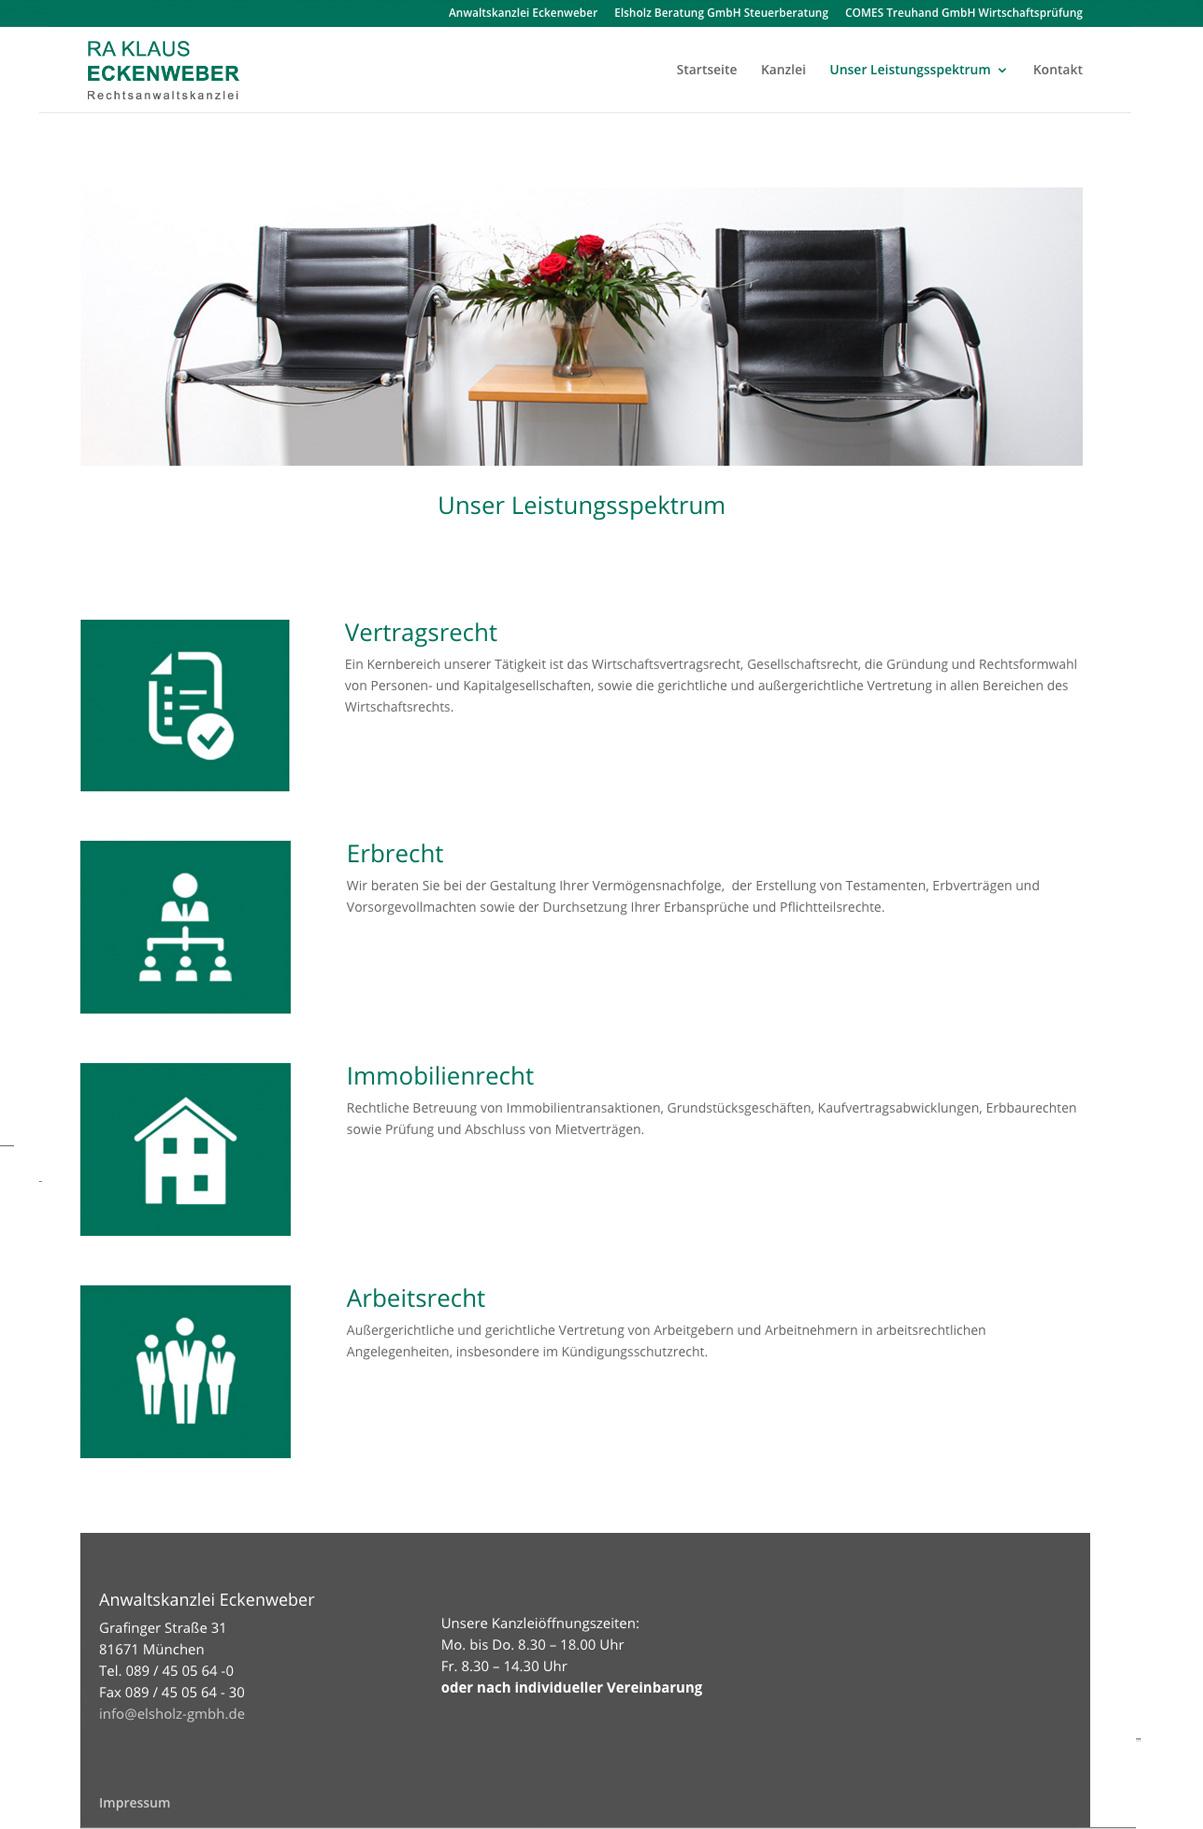 punktneun-Elsholz-GmbH-Webseite-Kanzlei-Eckenweber-Leistungen